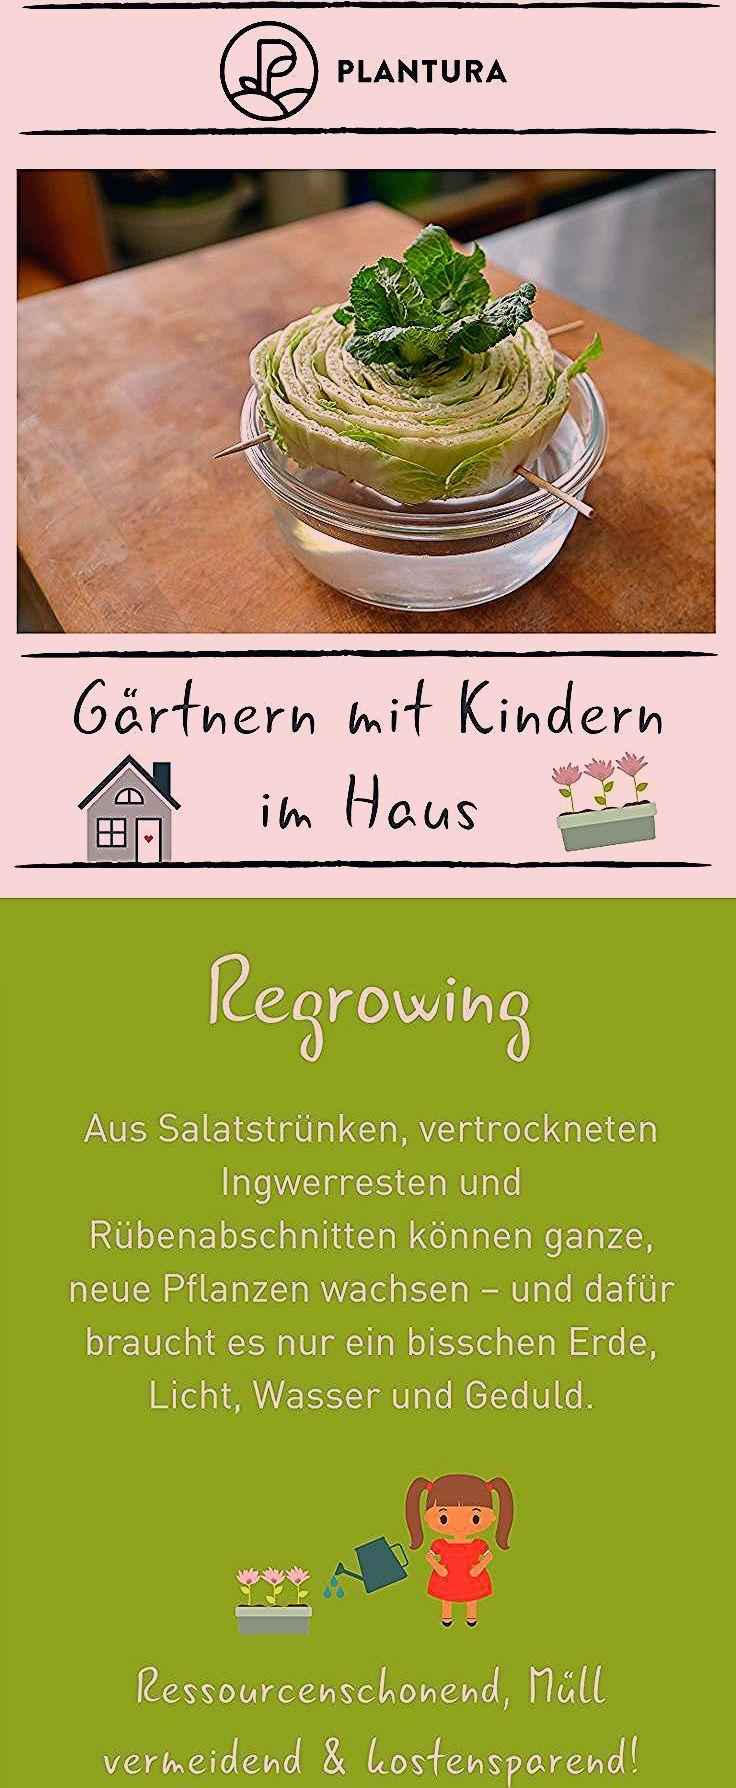 Photo of Gartenarbeit mit Kindern im Haus Nachwachsen andere Inspiratio